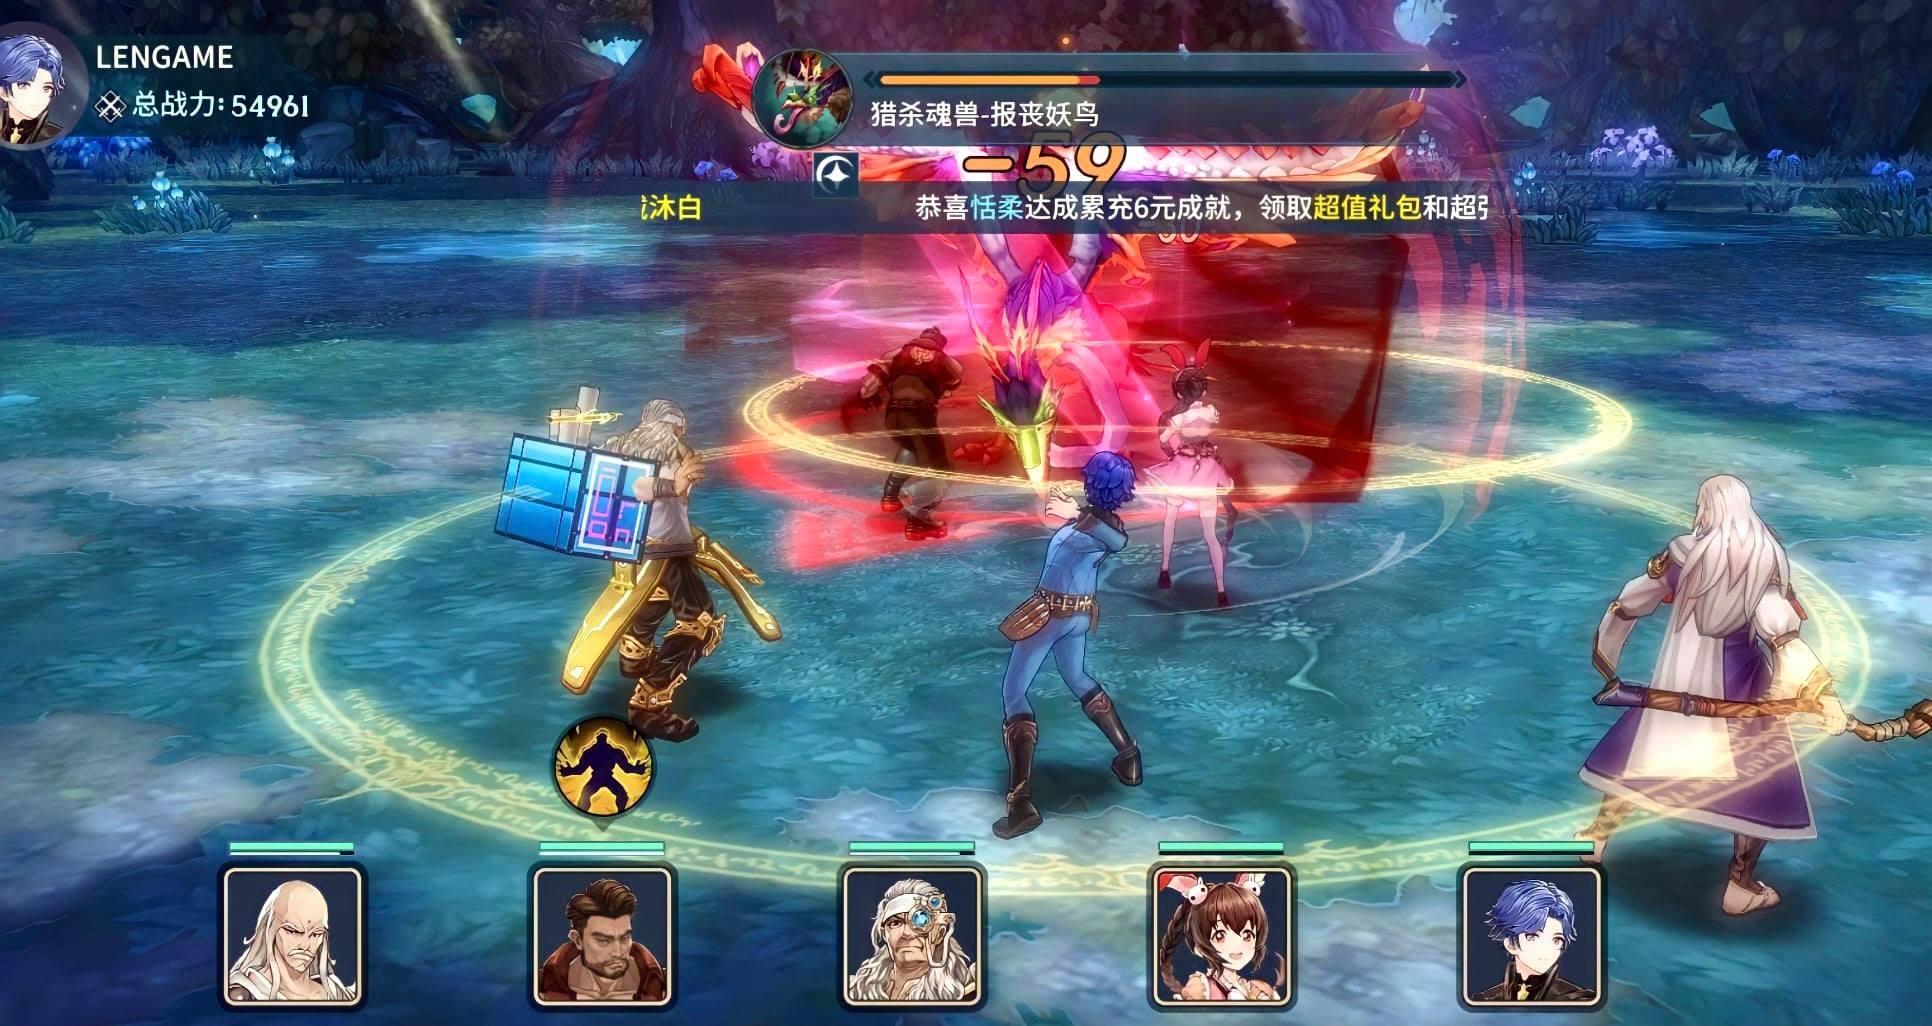 Trò chơi sở hữu đồ hoạ 3D mãn nhãn